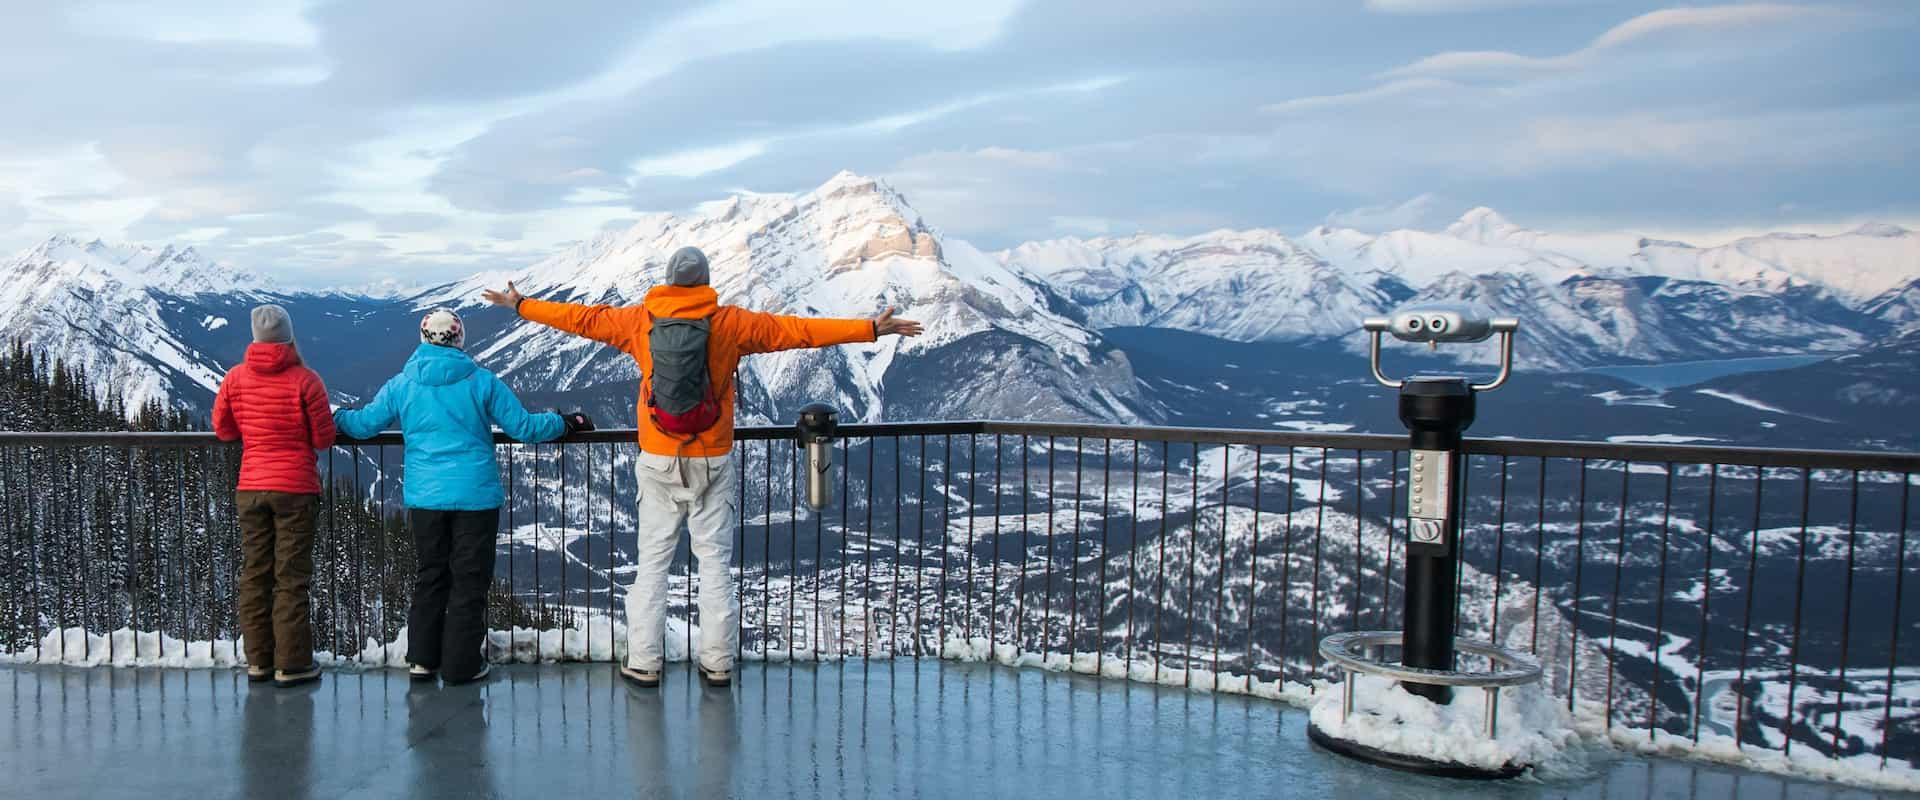 Icewalk + Banff Gondola